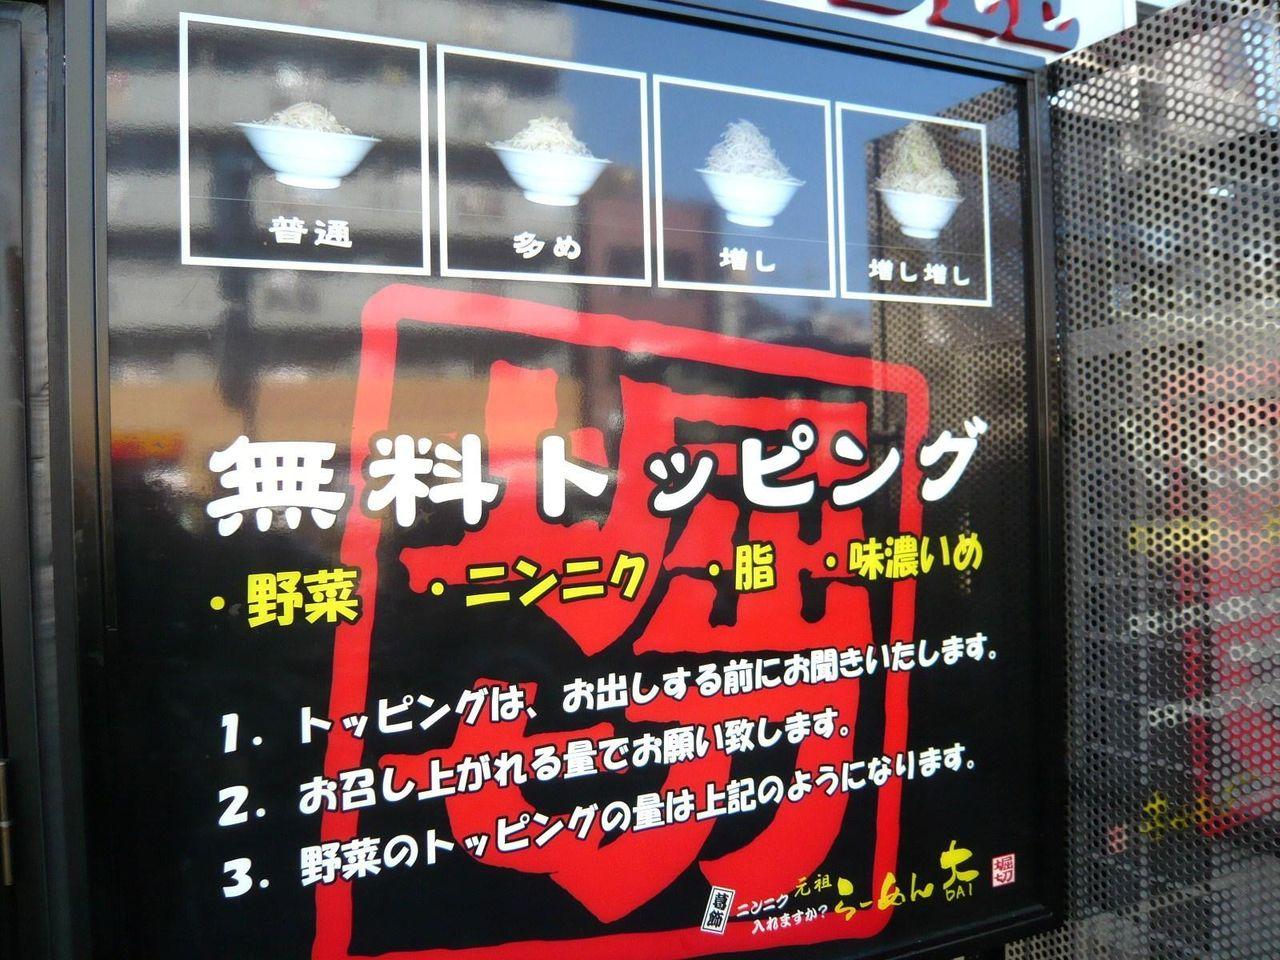 らーめん大の無料トッピング(23年2月現在)